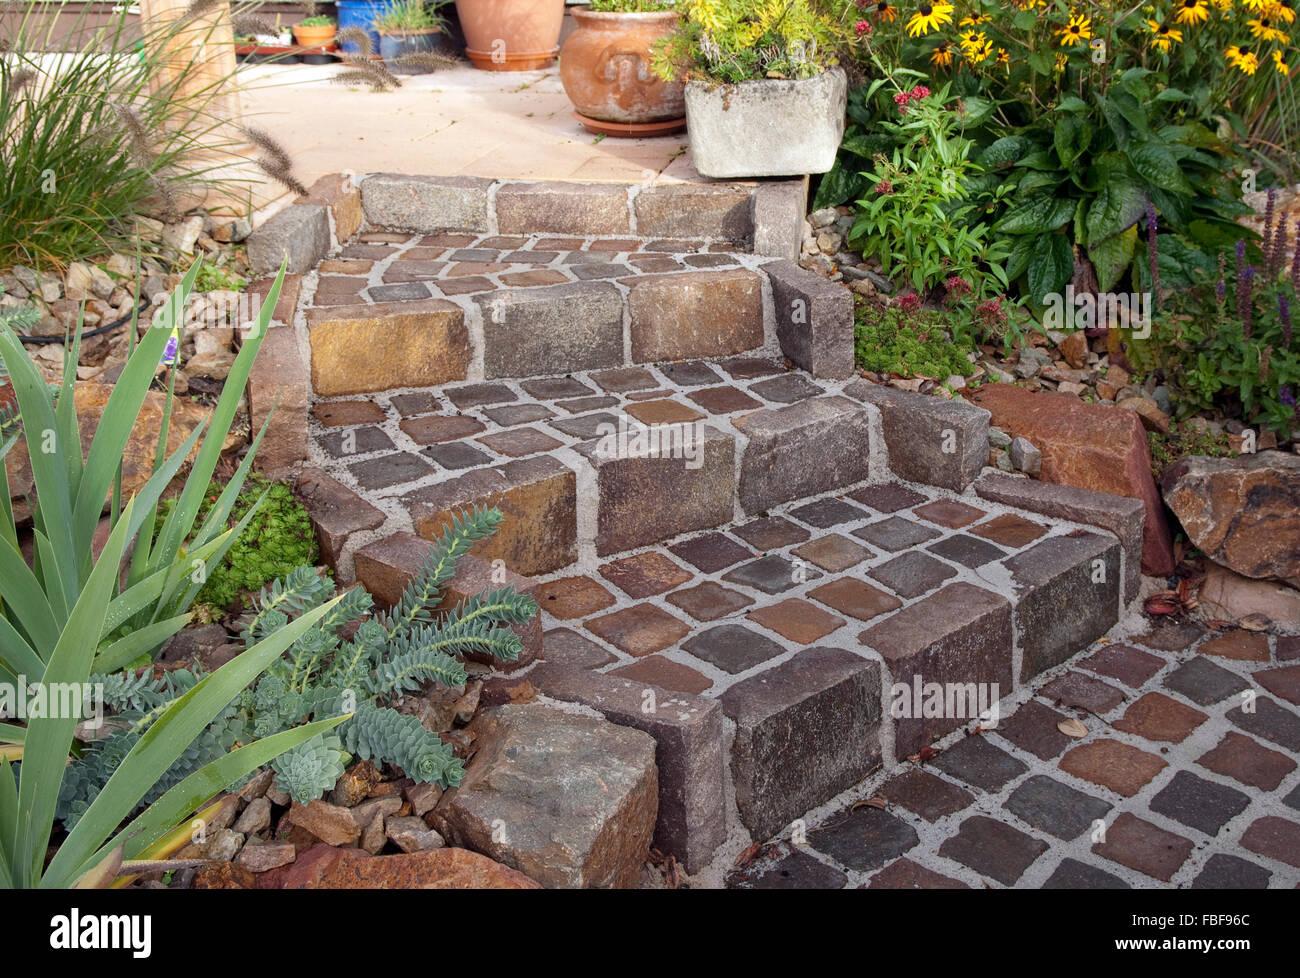 gartentreppe pflaster porphyr stockfoto bild 93149572. Black Bedroom Furniture Sets. Home Design Ideas